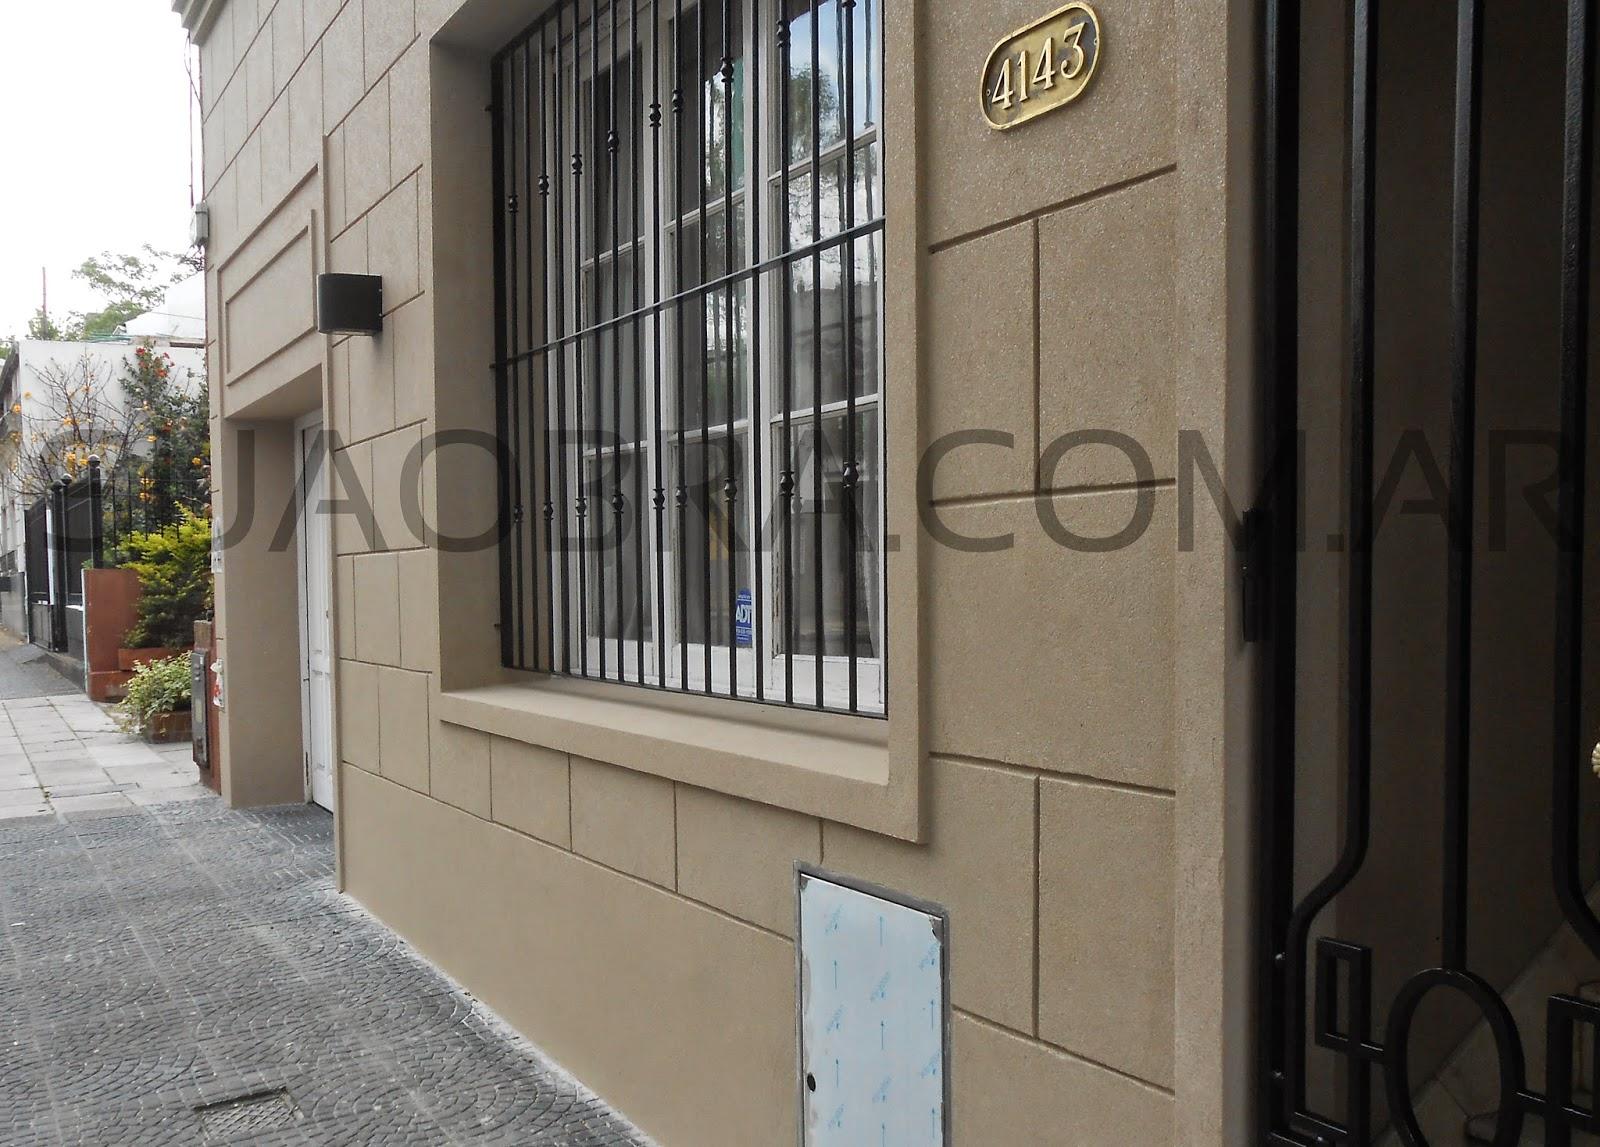 Tarquini revestimiento de paredes exteriores aplicacion - Revestimientos de paredes exteriores ...